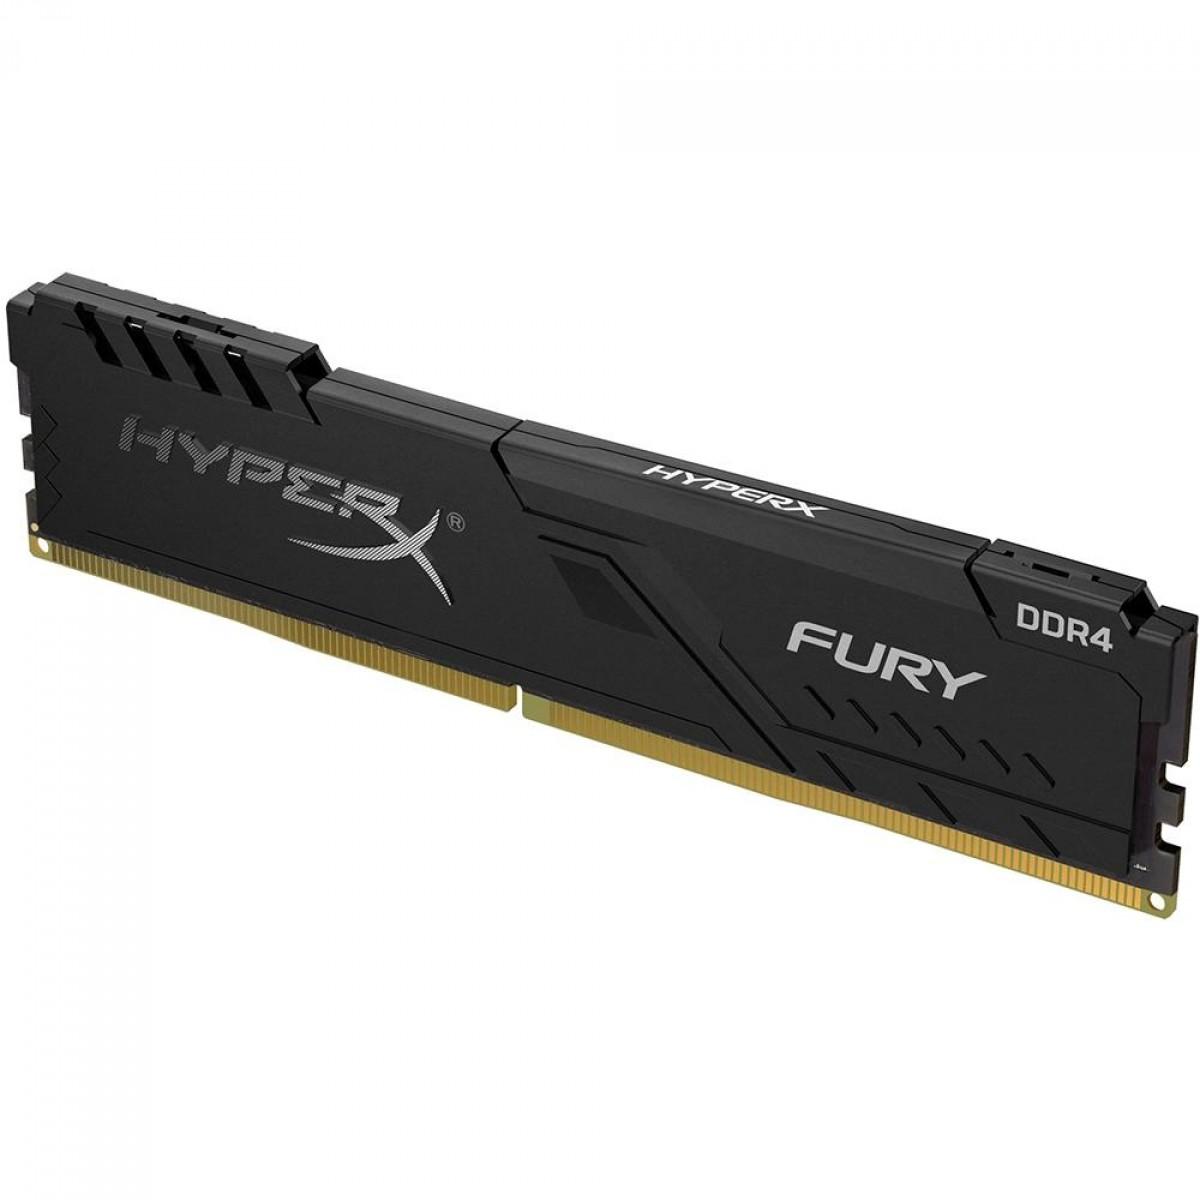 Memória DDR4 HyperX Fury, 16GB, 2666MHz, Black, HX426C16FB4/16